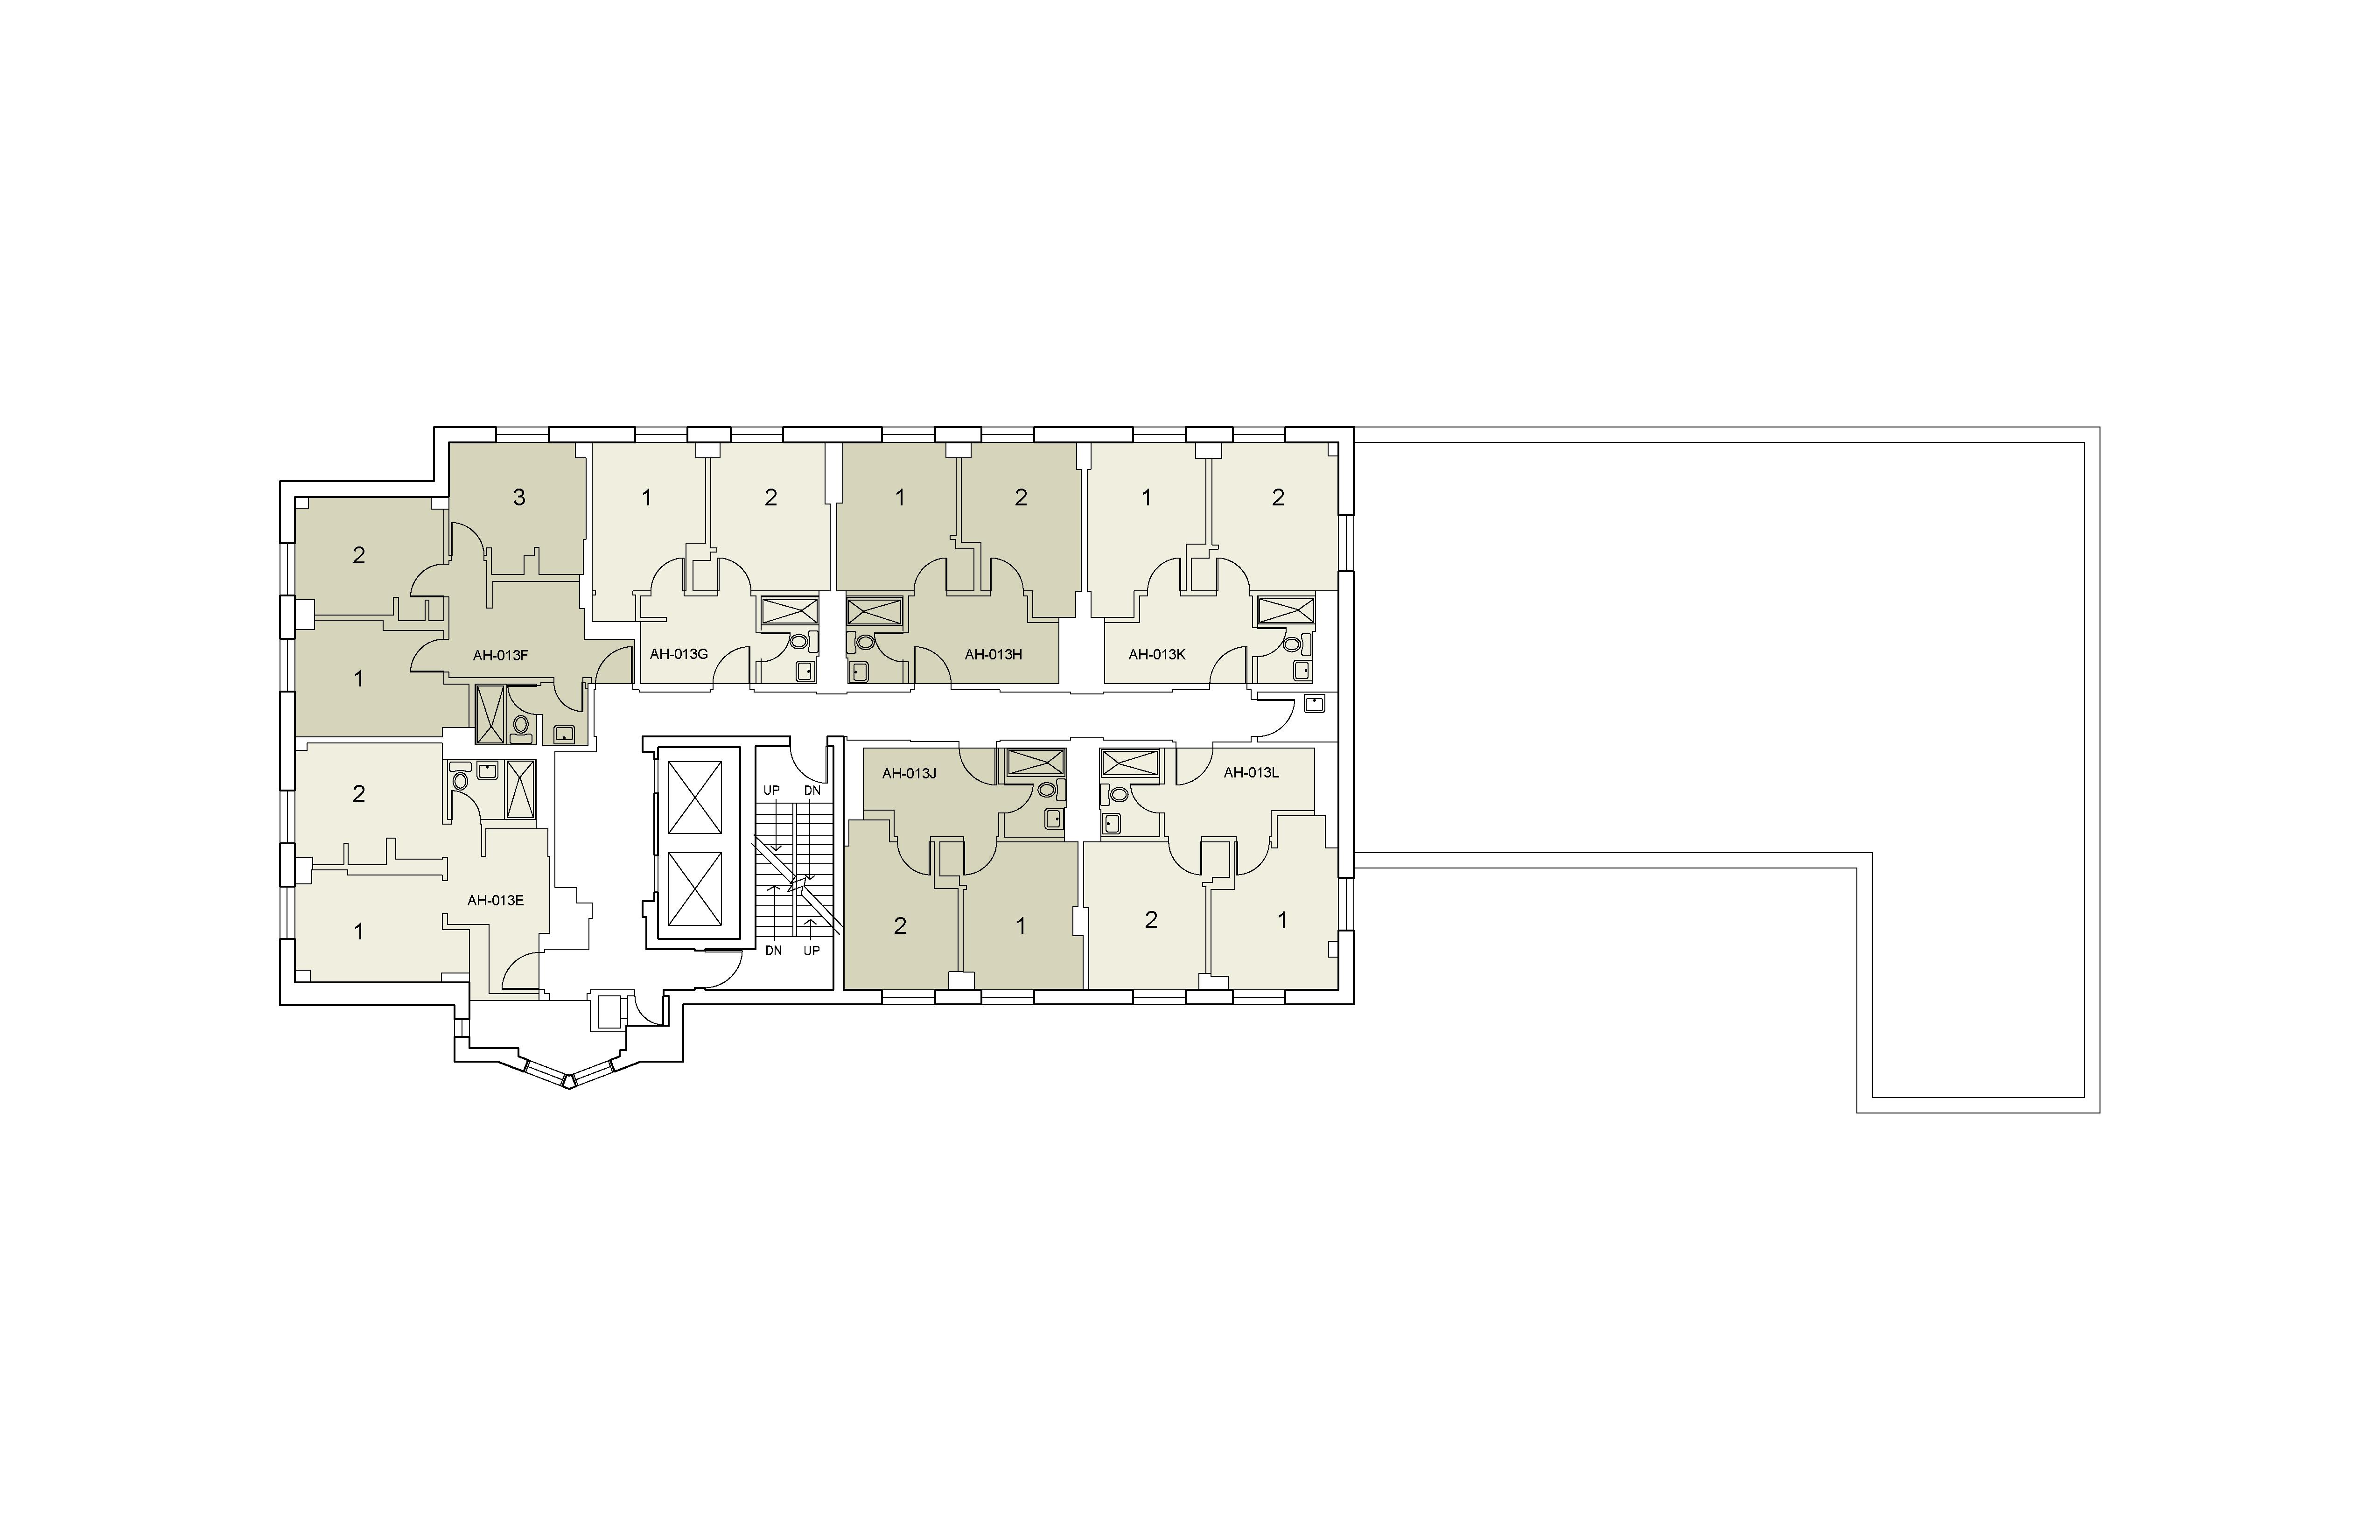 Floor plan for Alumni Floor 13